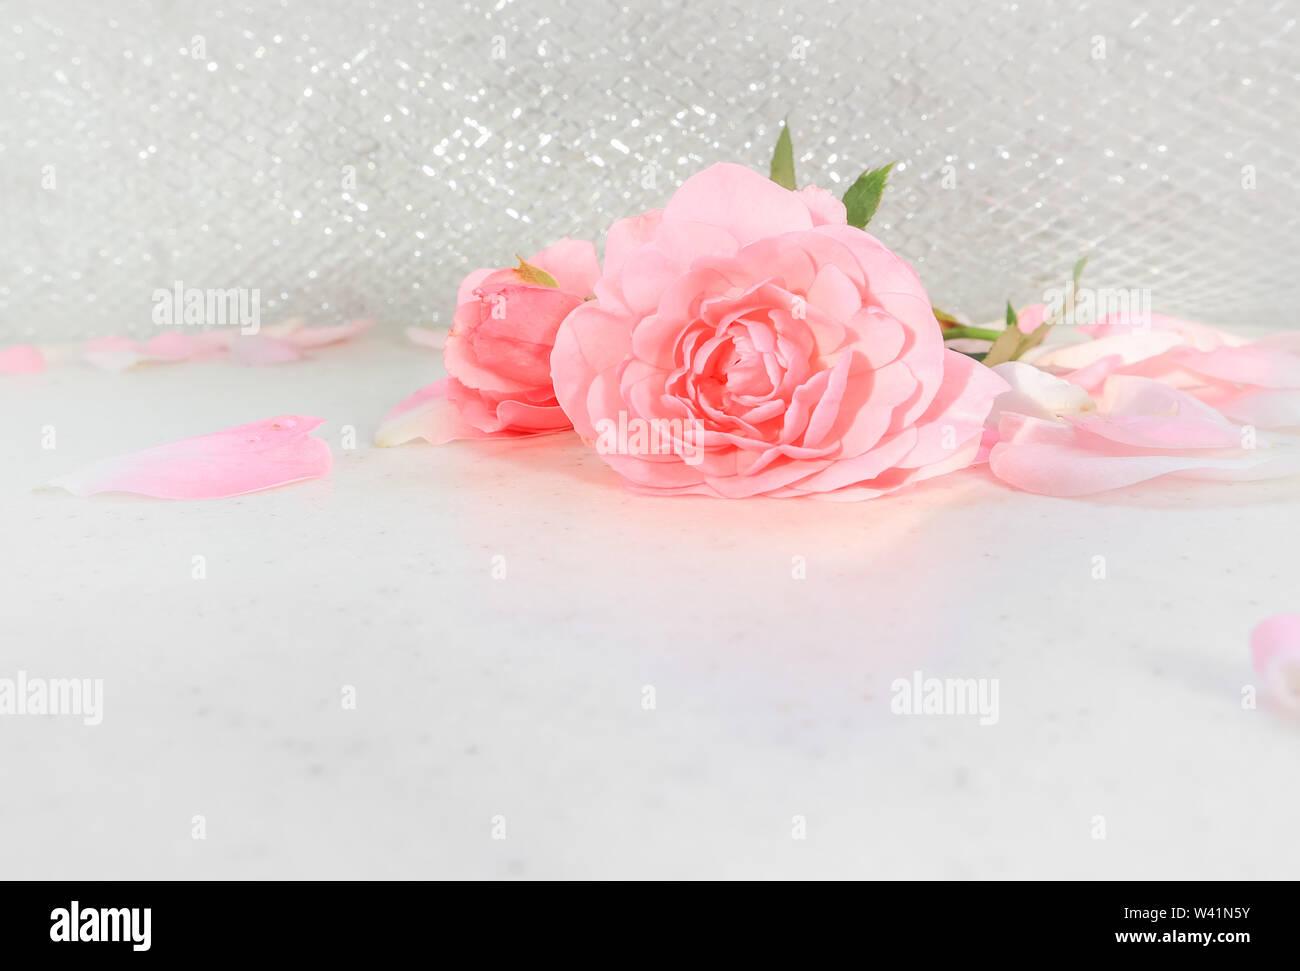 Rosa Y Pétalos De Rosas Sobre Fondo Blanco Perfecto Para